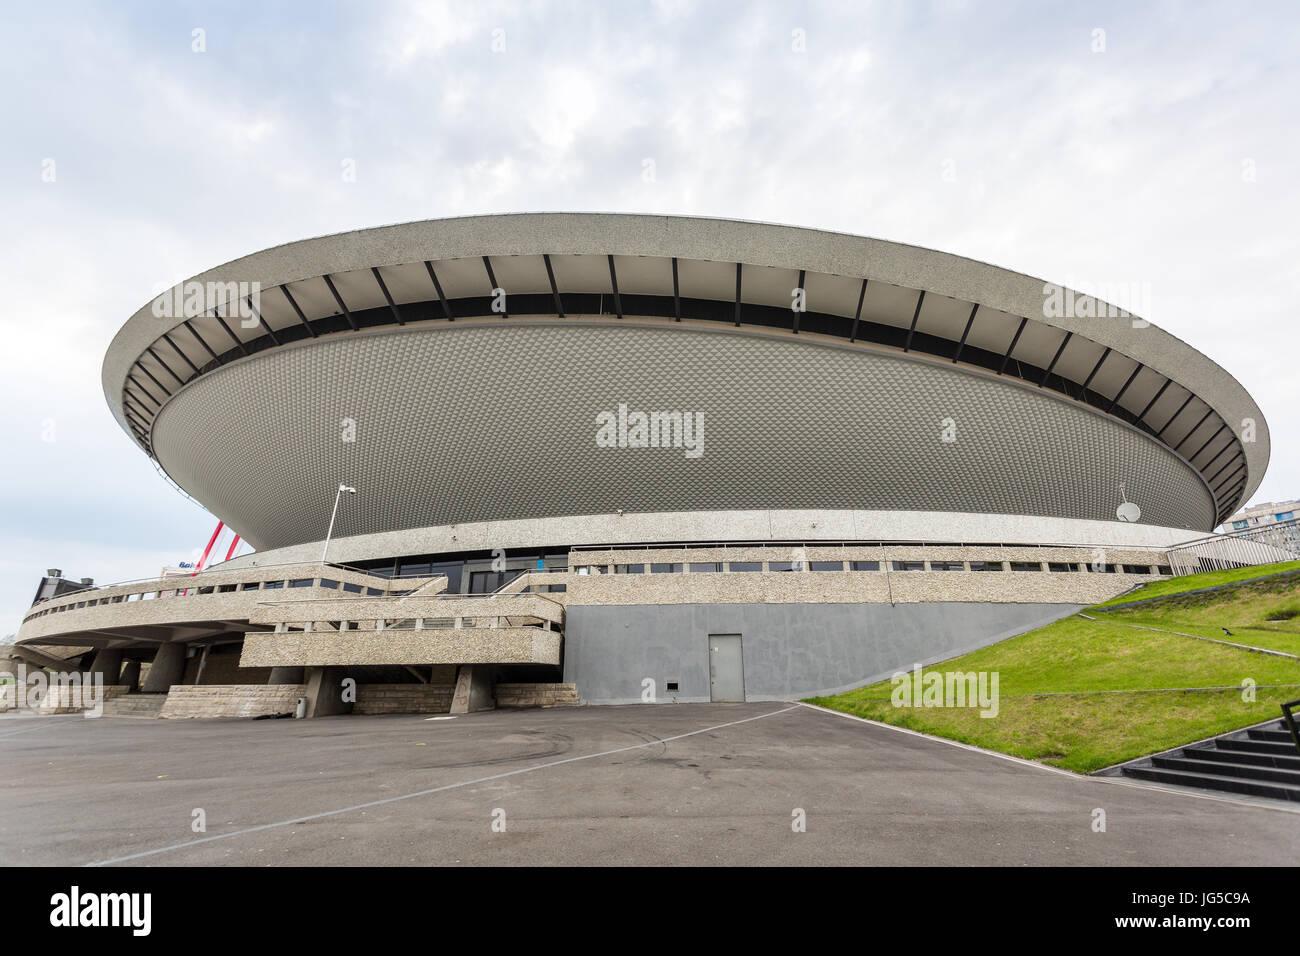 Sport arena in Katowice called Spodek, Silesia, Poland Stock Photo